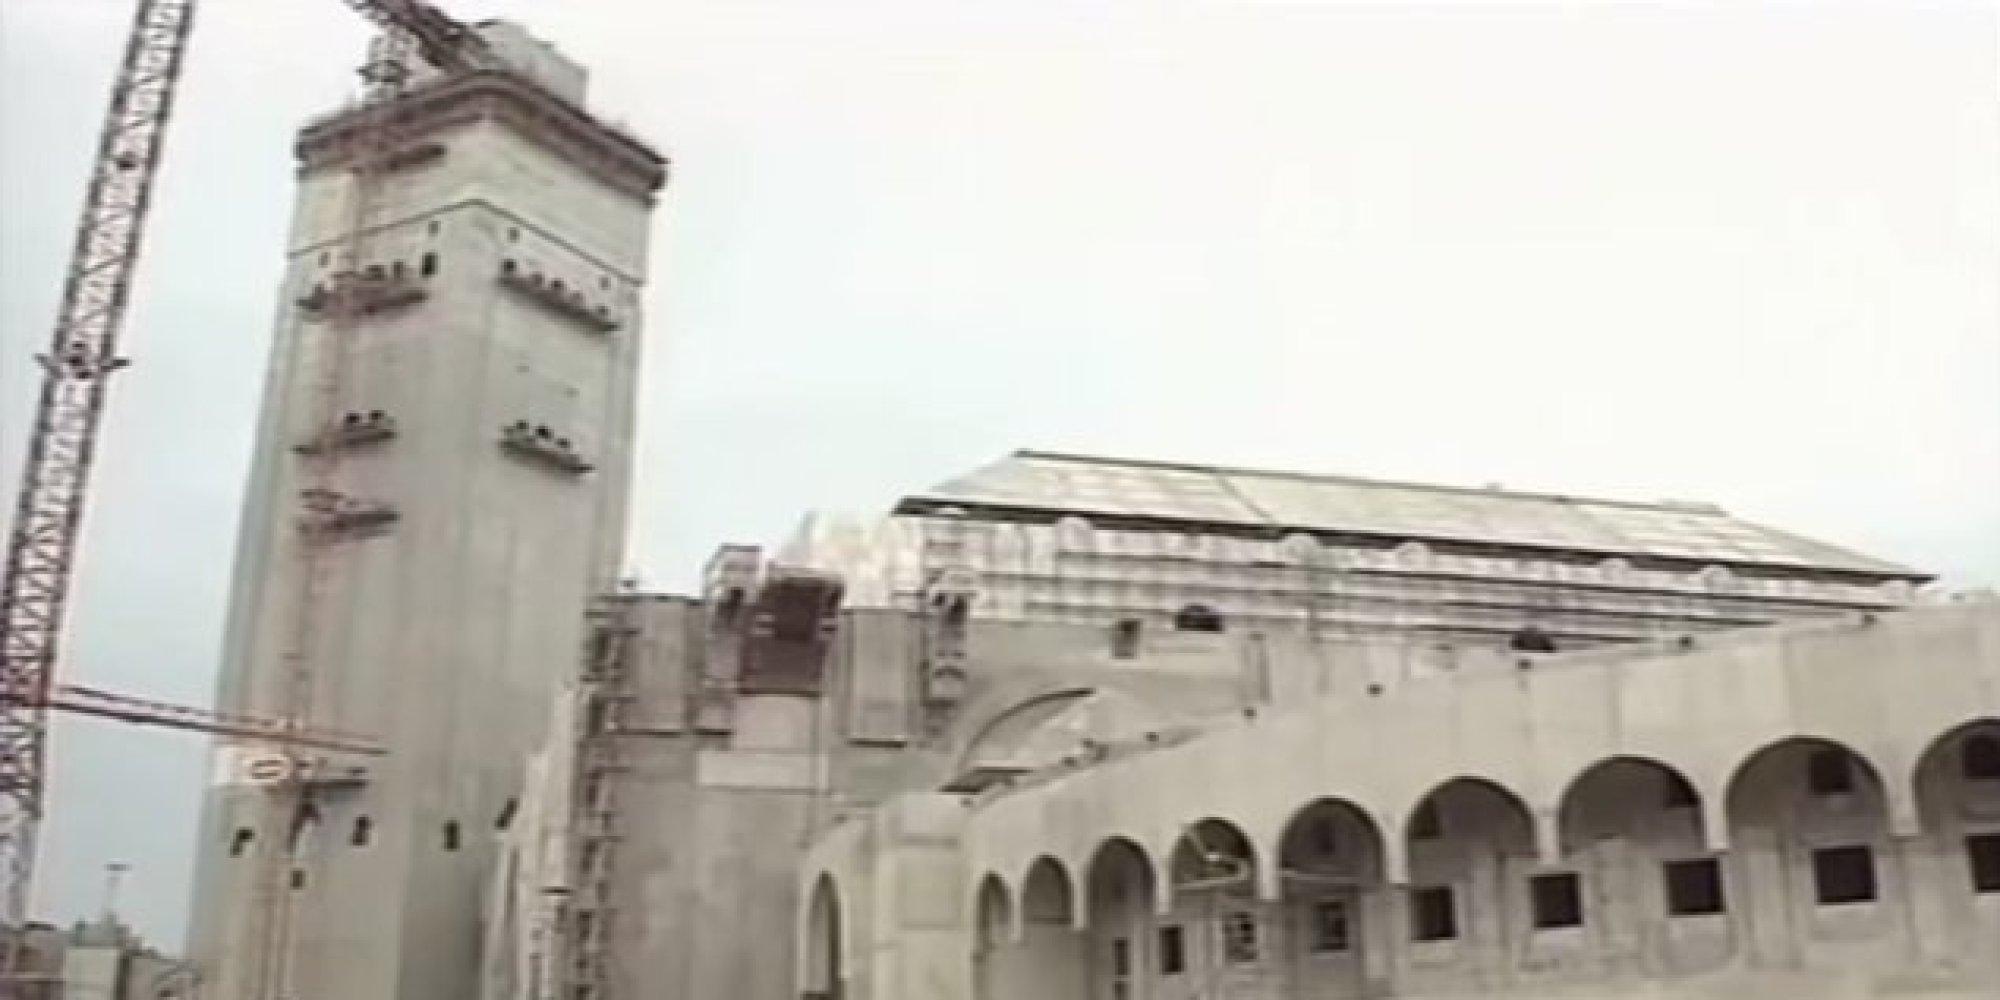 Quand la mosqu e hassan ii venait d 39 tre achev e en 1993 for Mosquee hassan 2 architecture